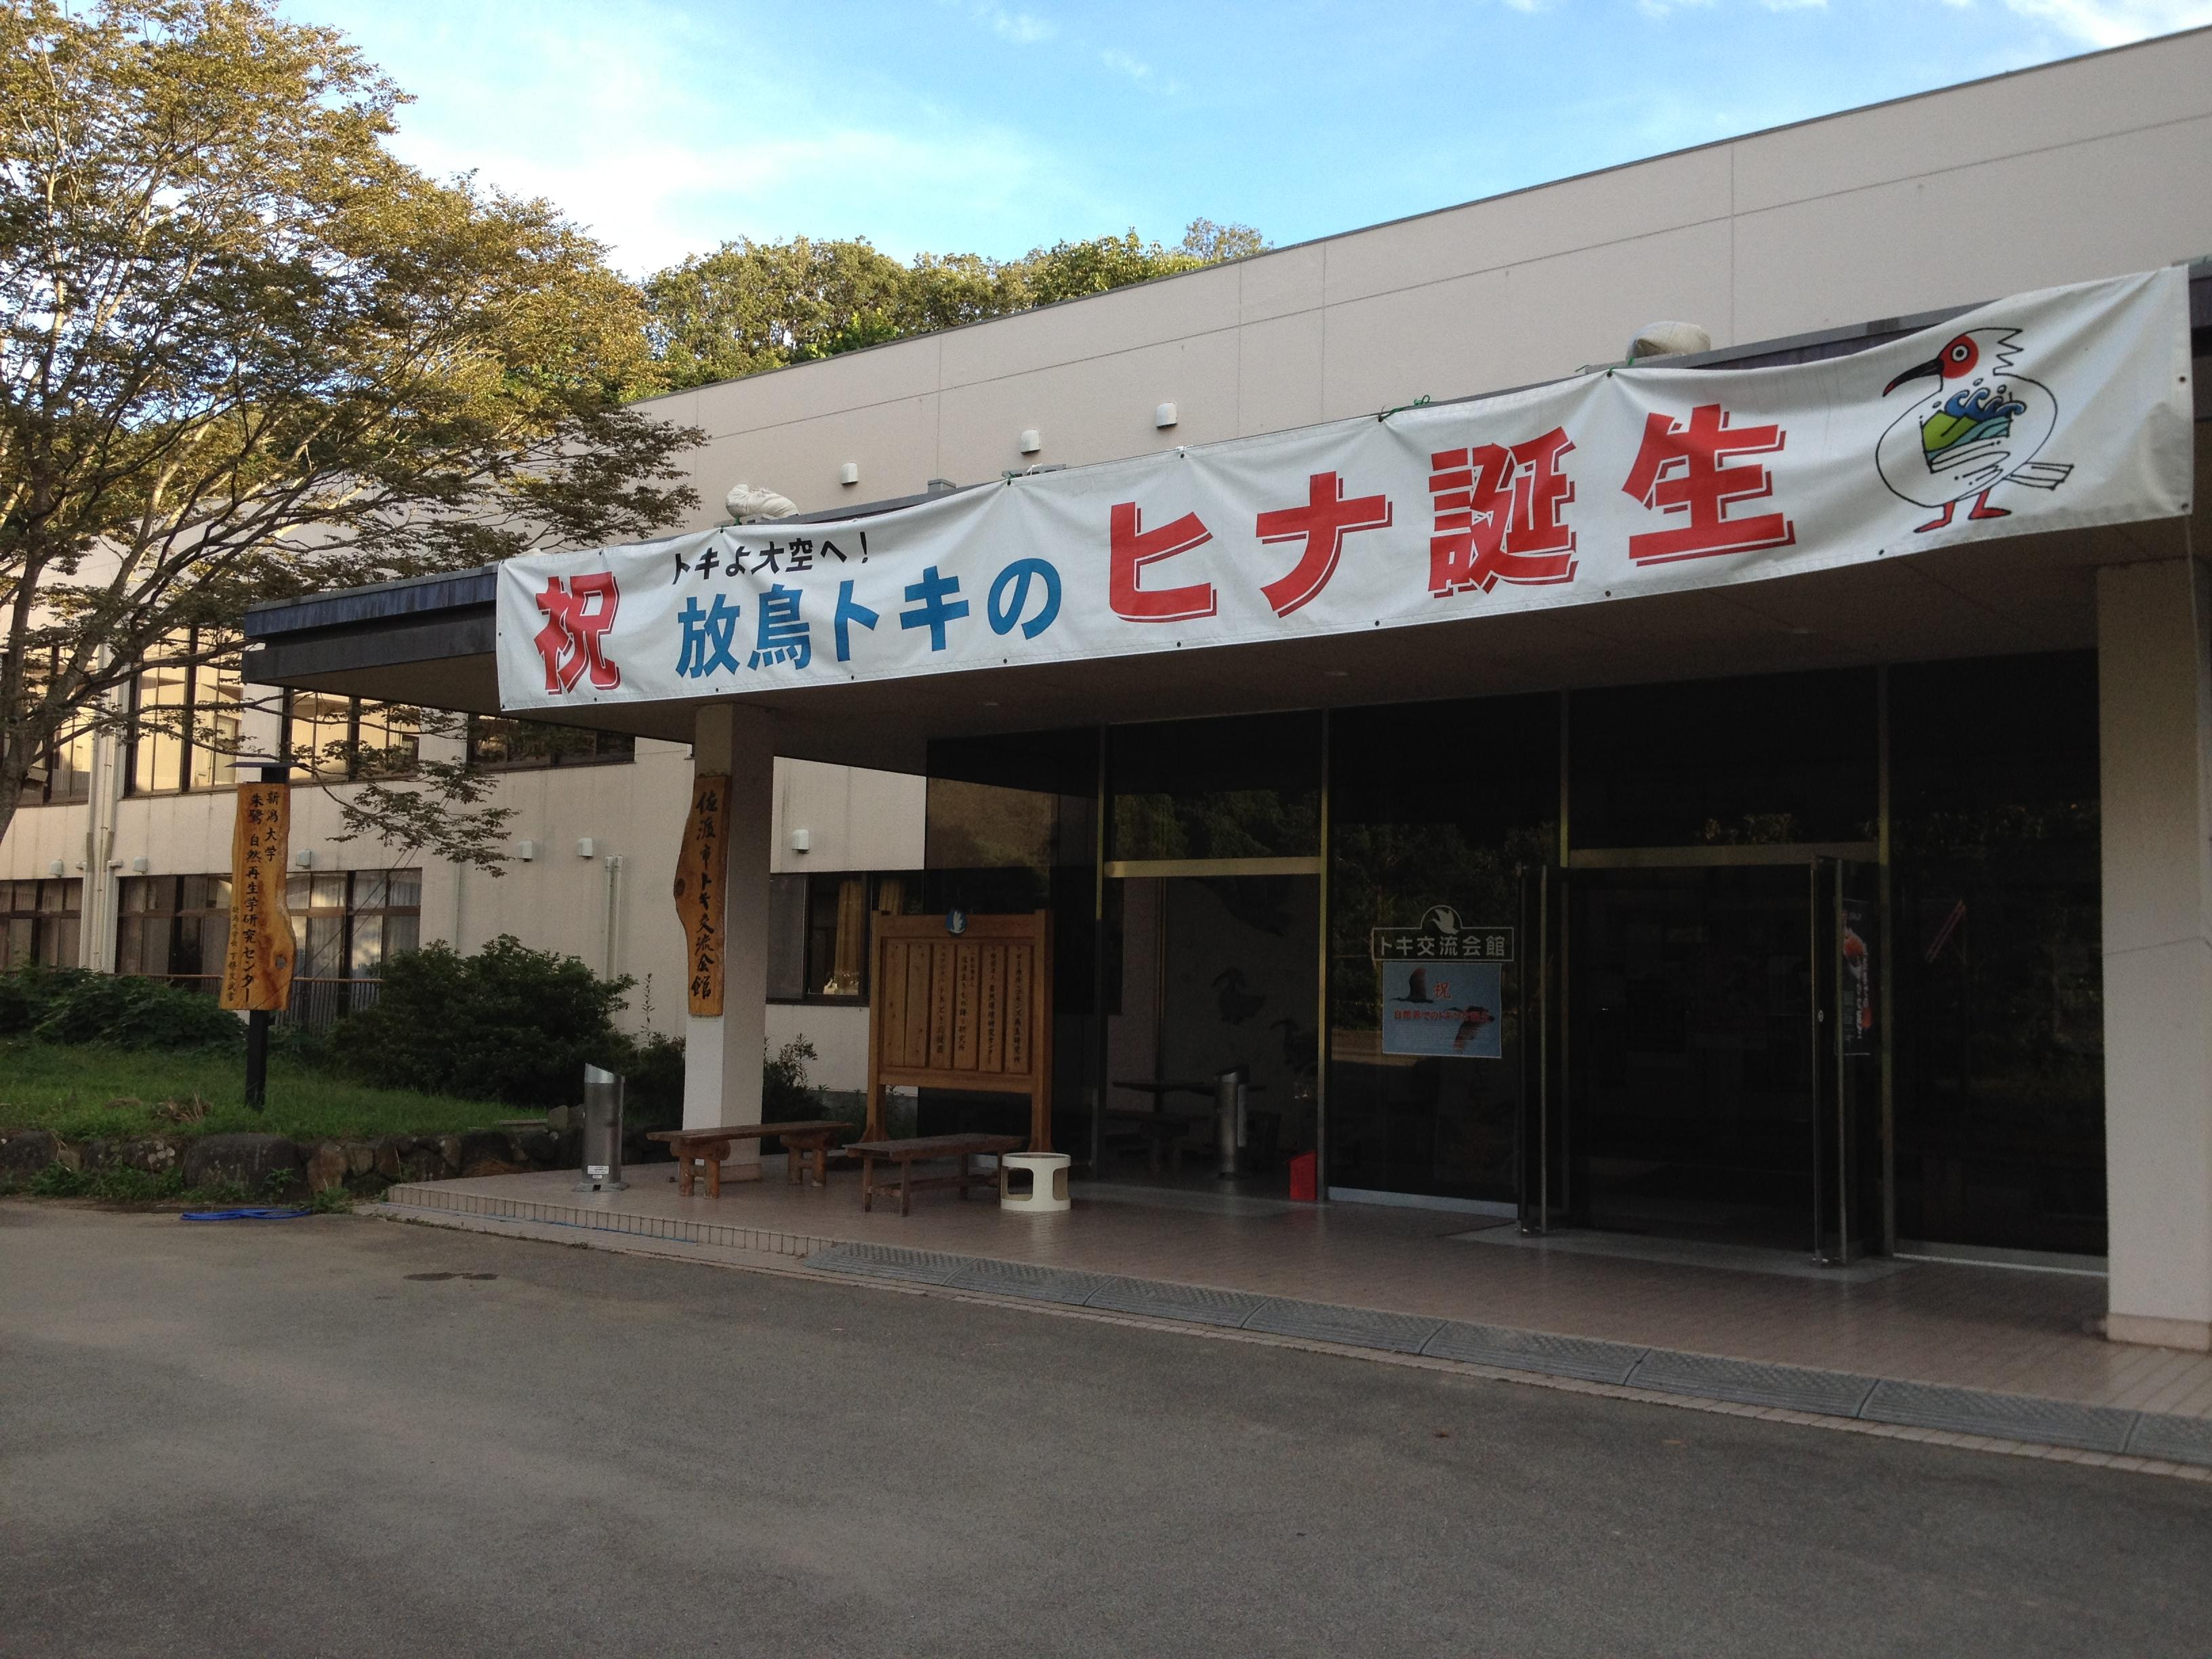 トキ交流会館.JPG